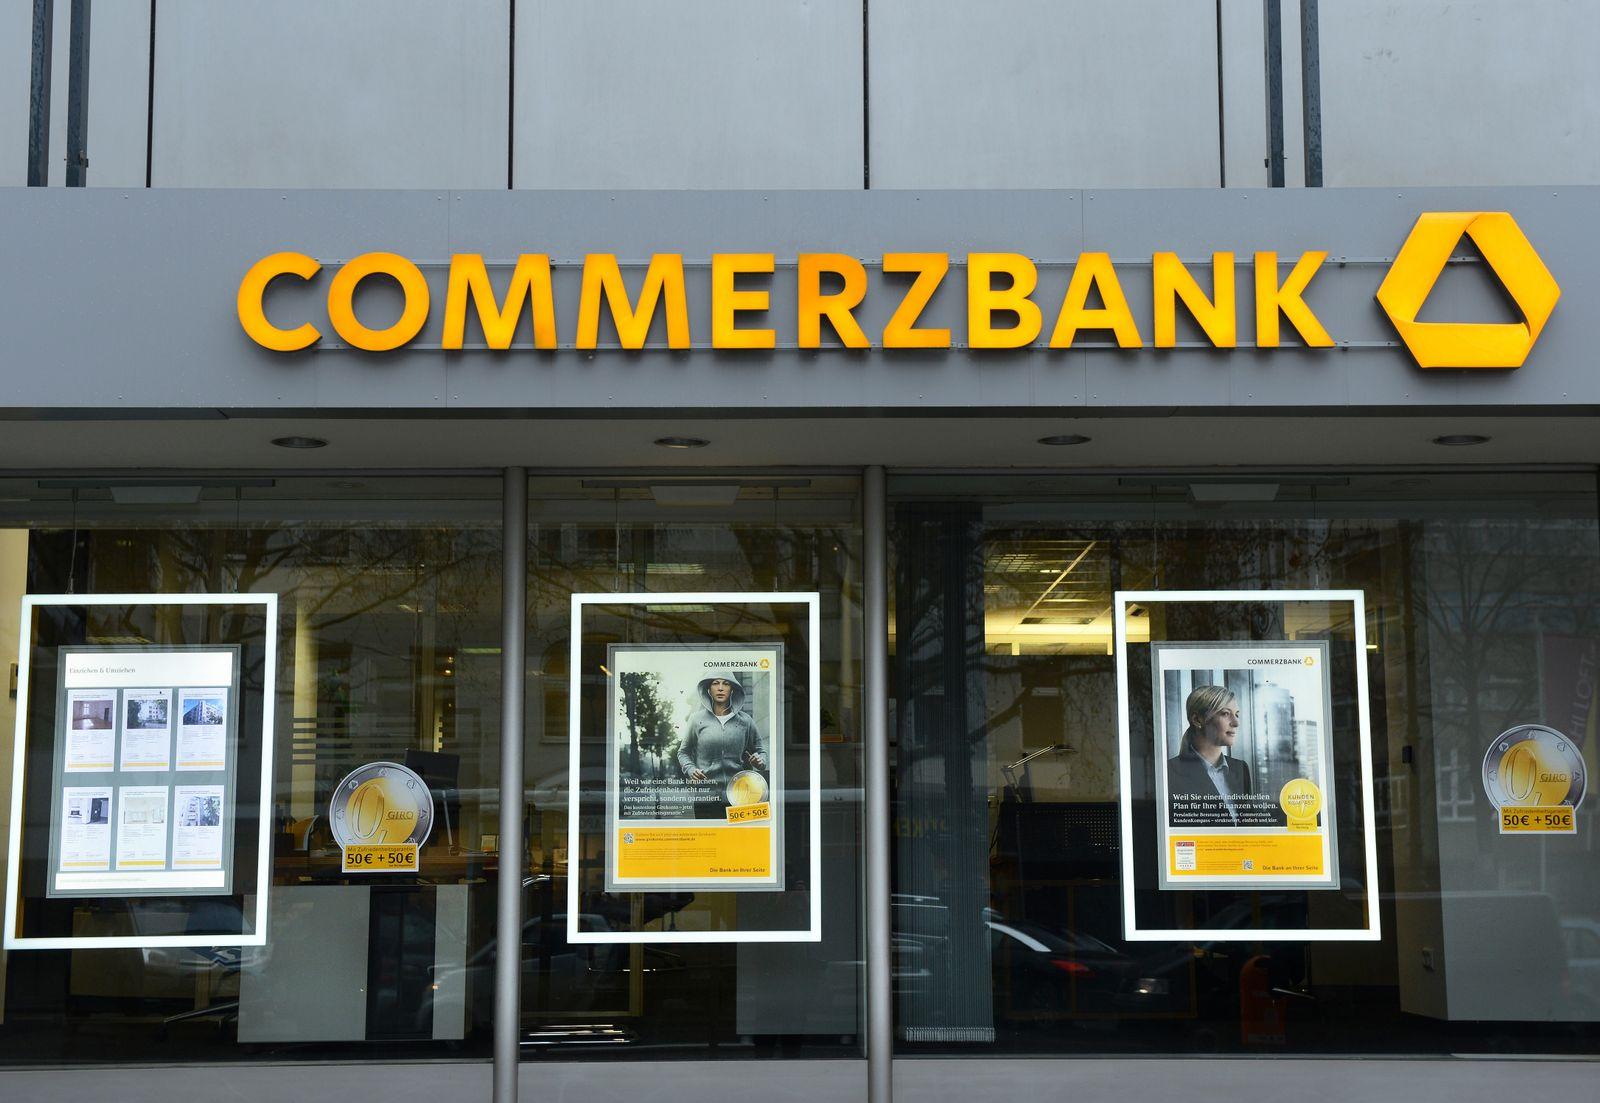 Commerzbank Filiale / Werbung